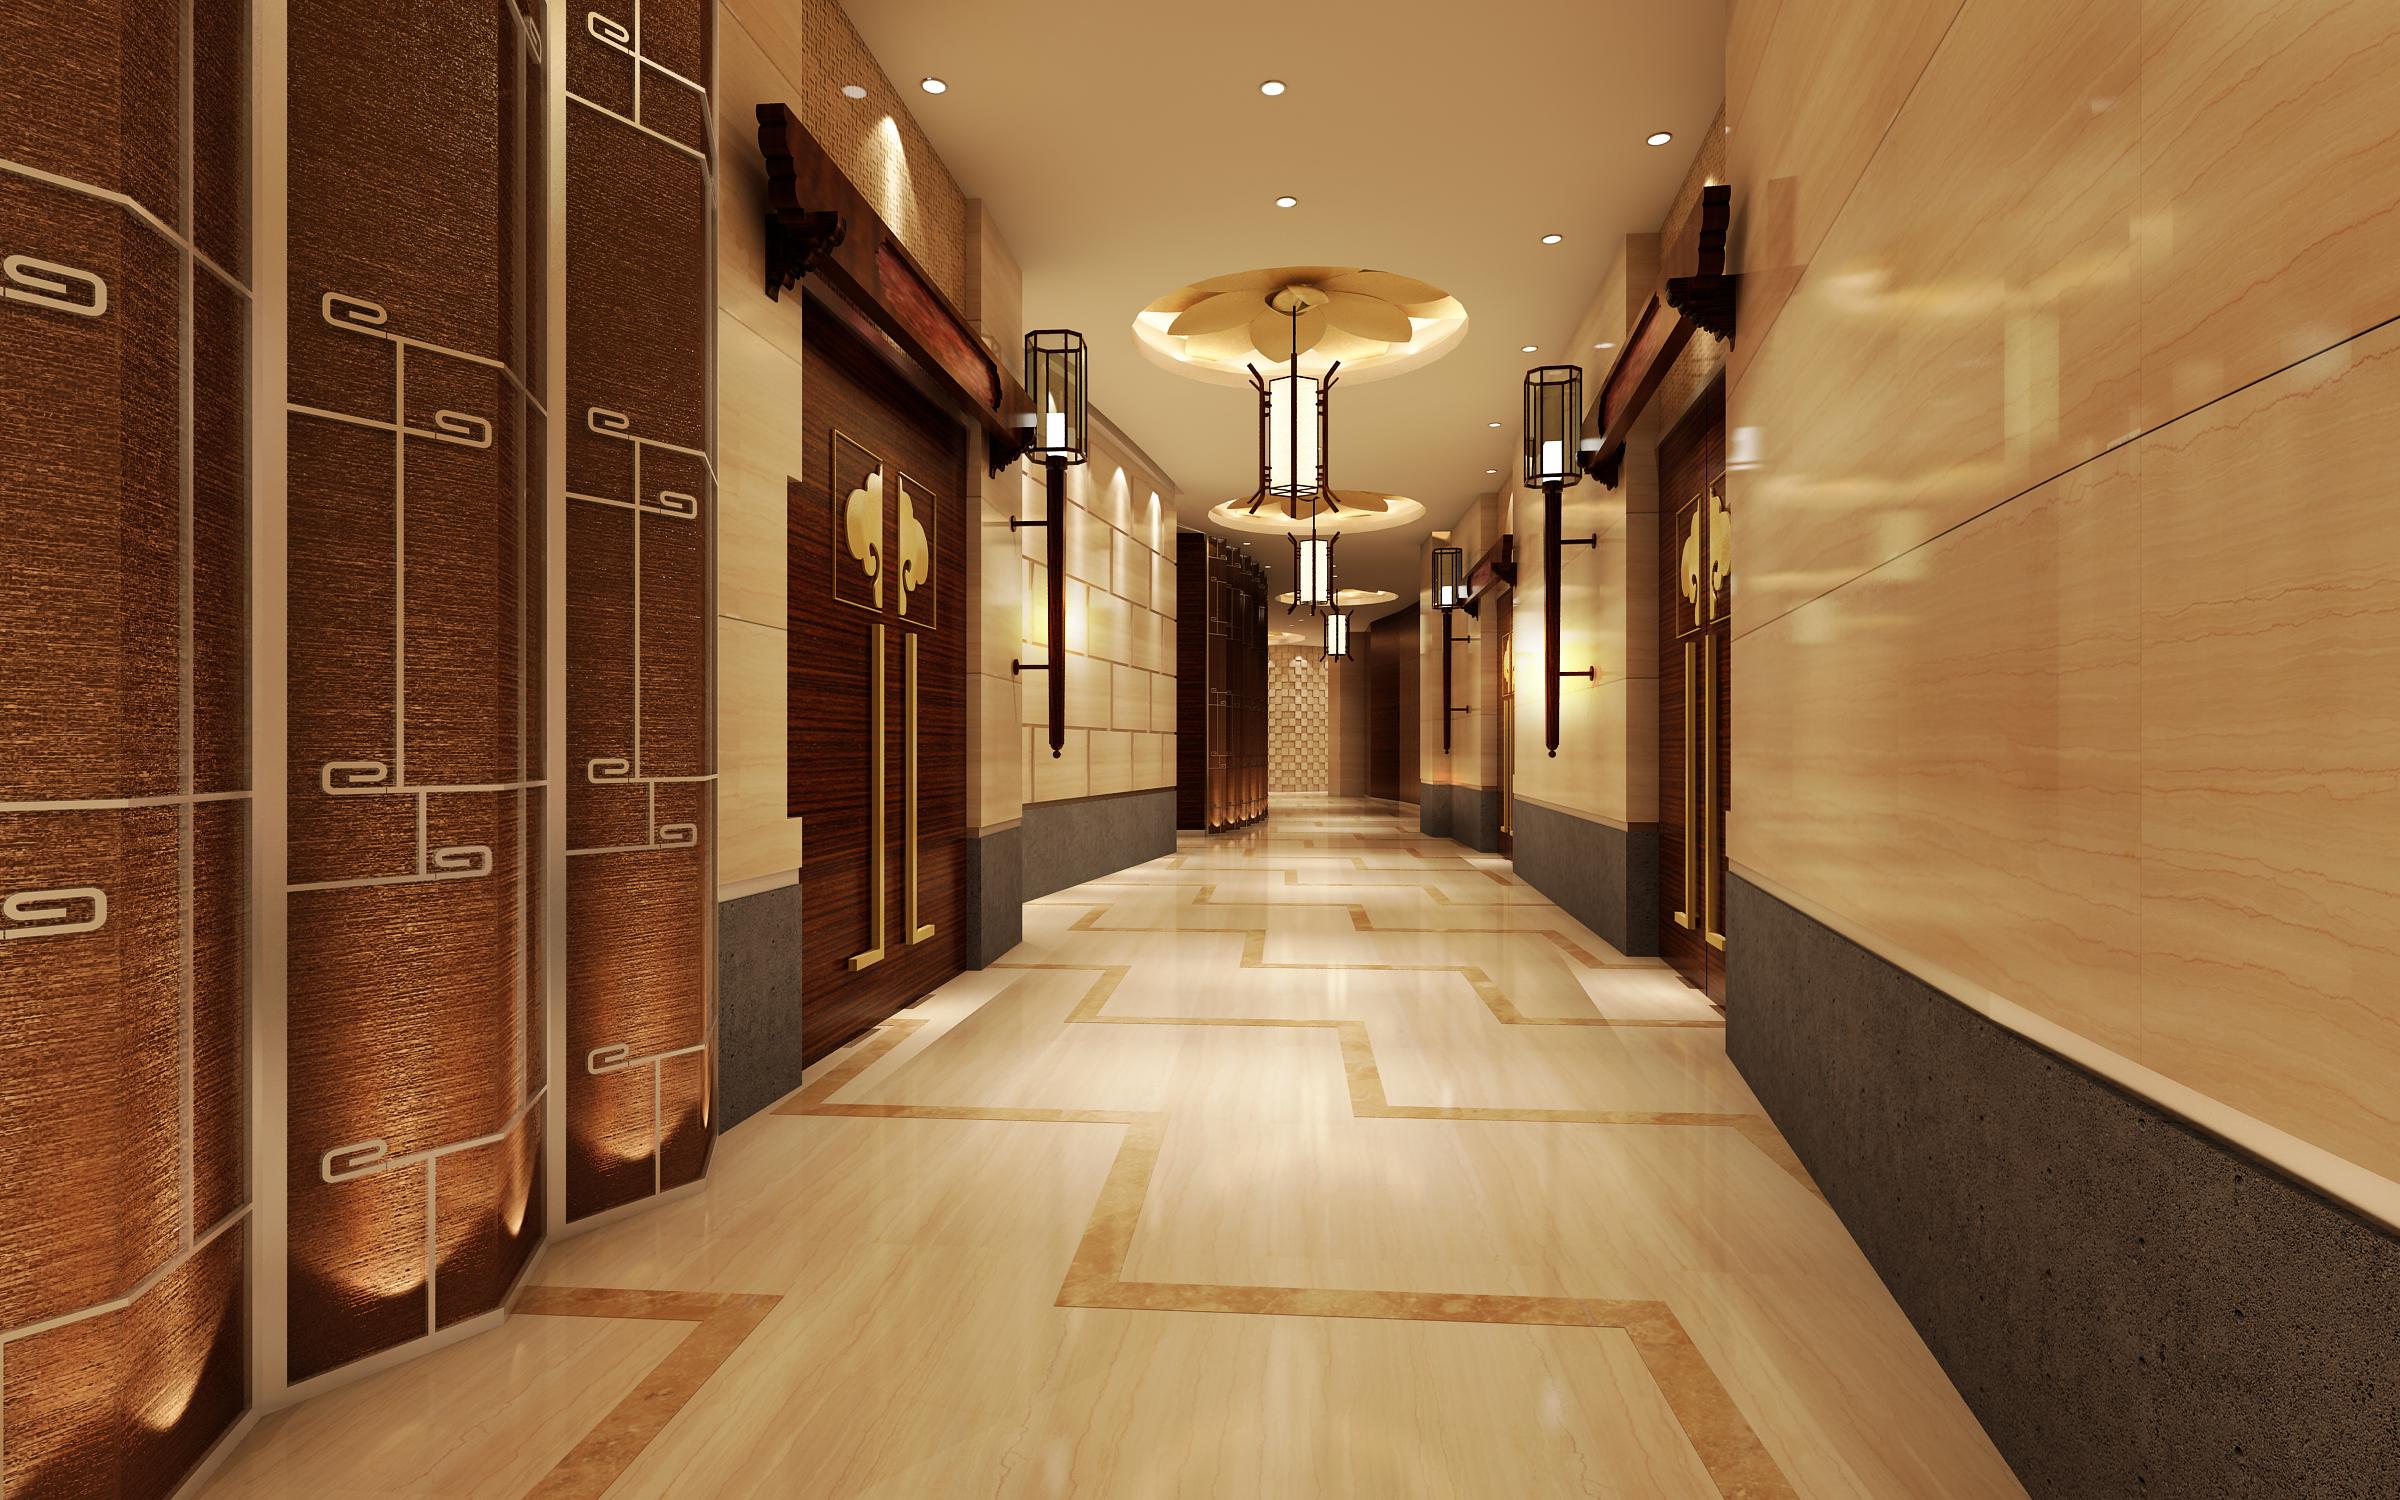 corridor space 078 3d model max 136108